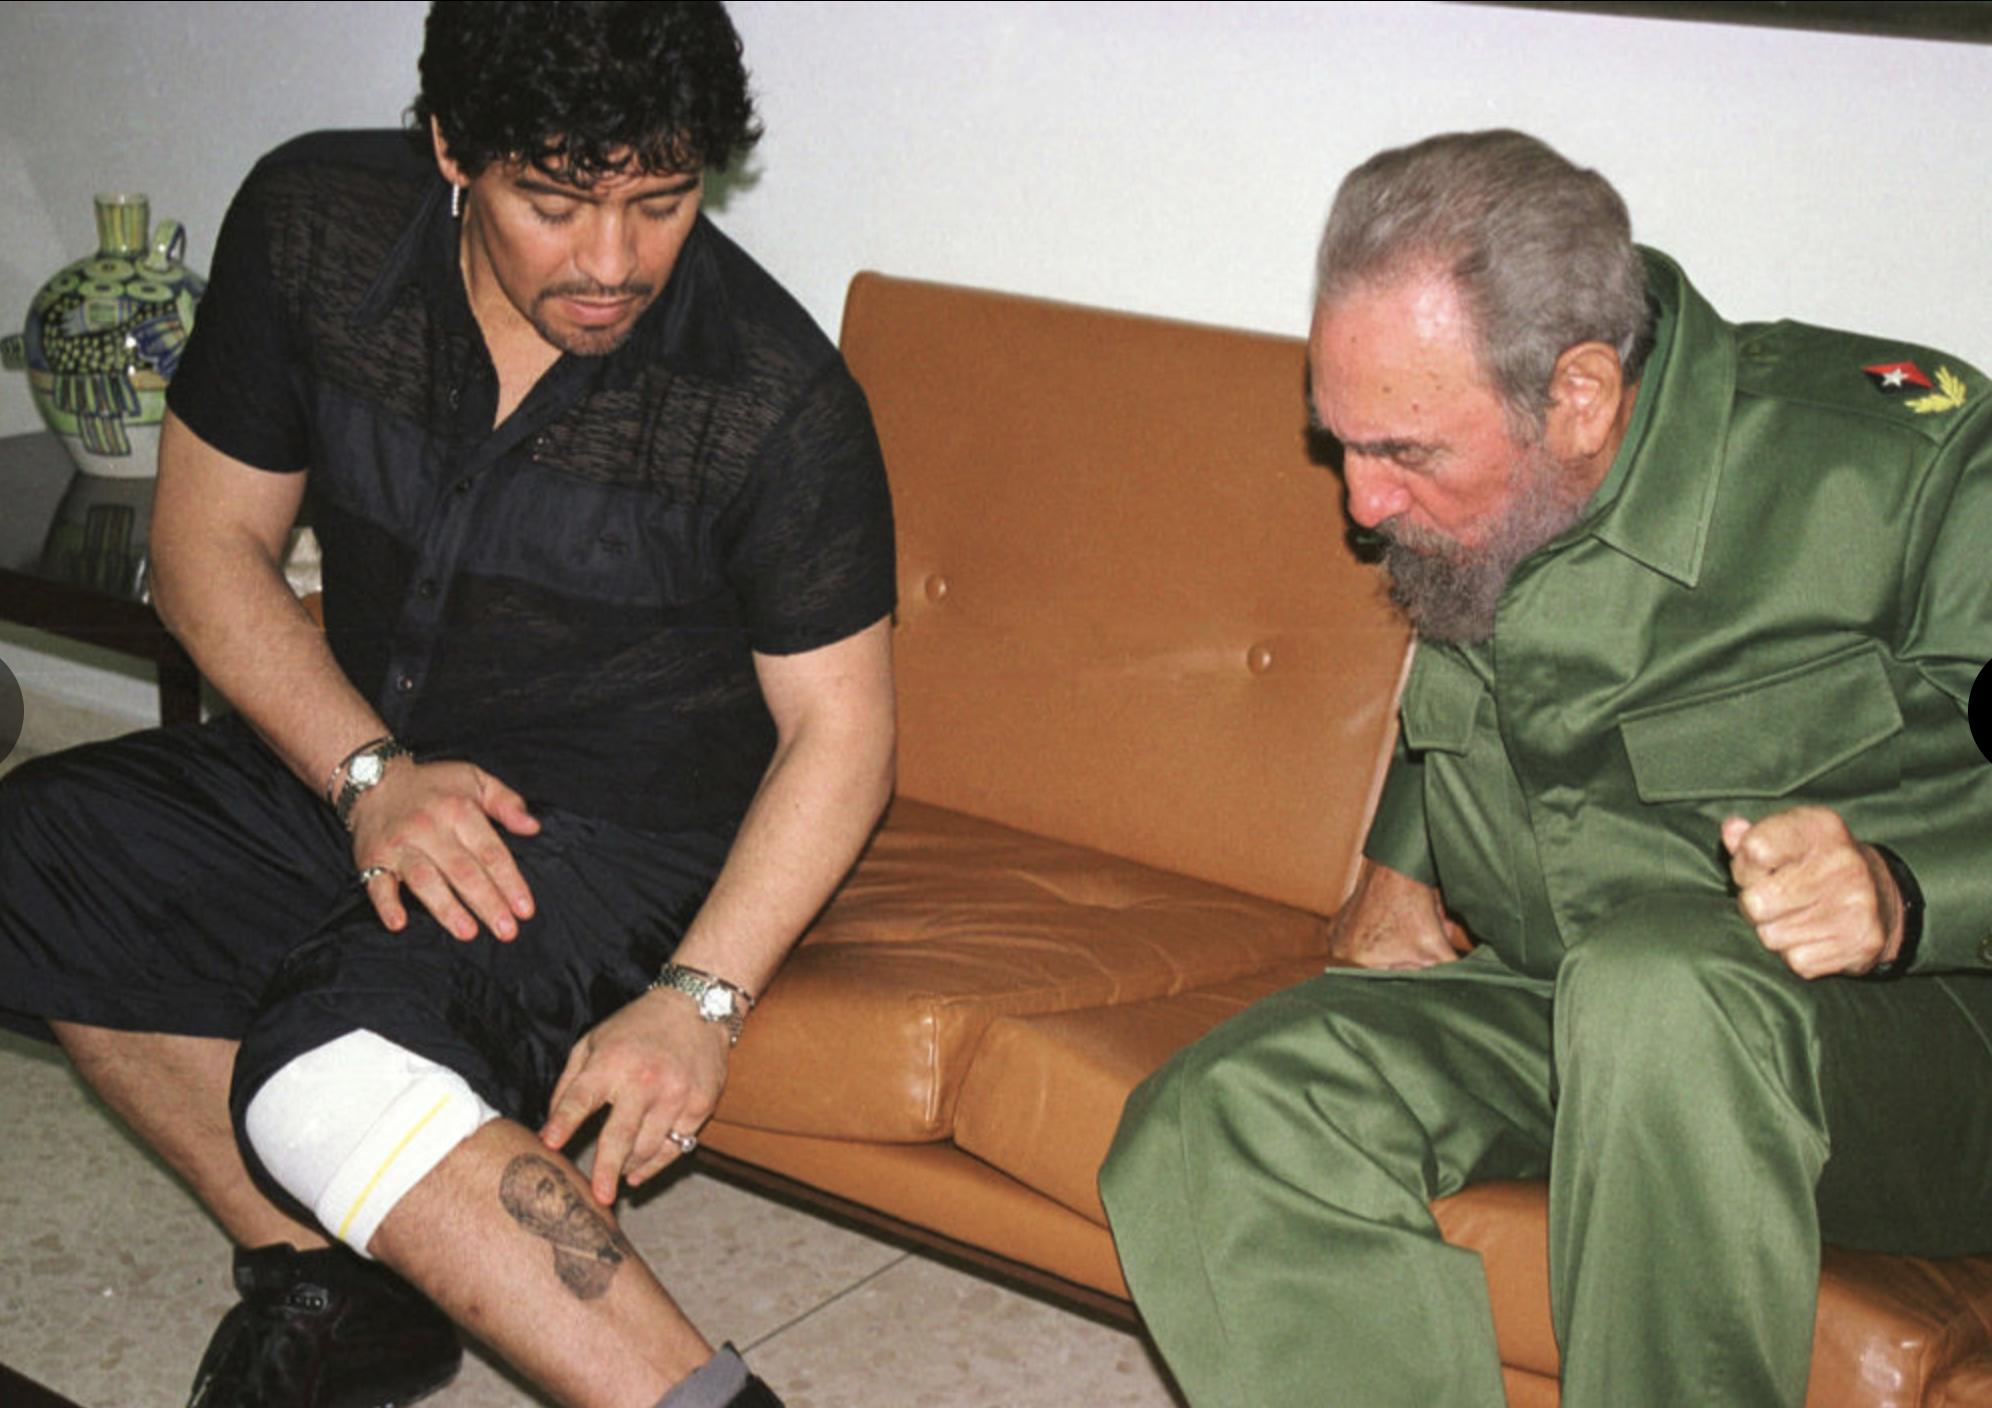 Ο Μαραντόνα δείχνει στον Φιντέλ το τατουάζ του με τον... Φιντέλ